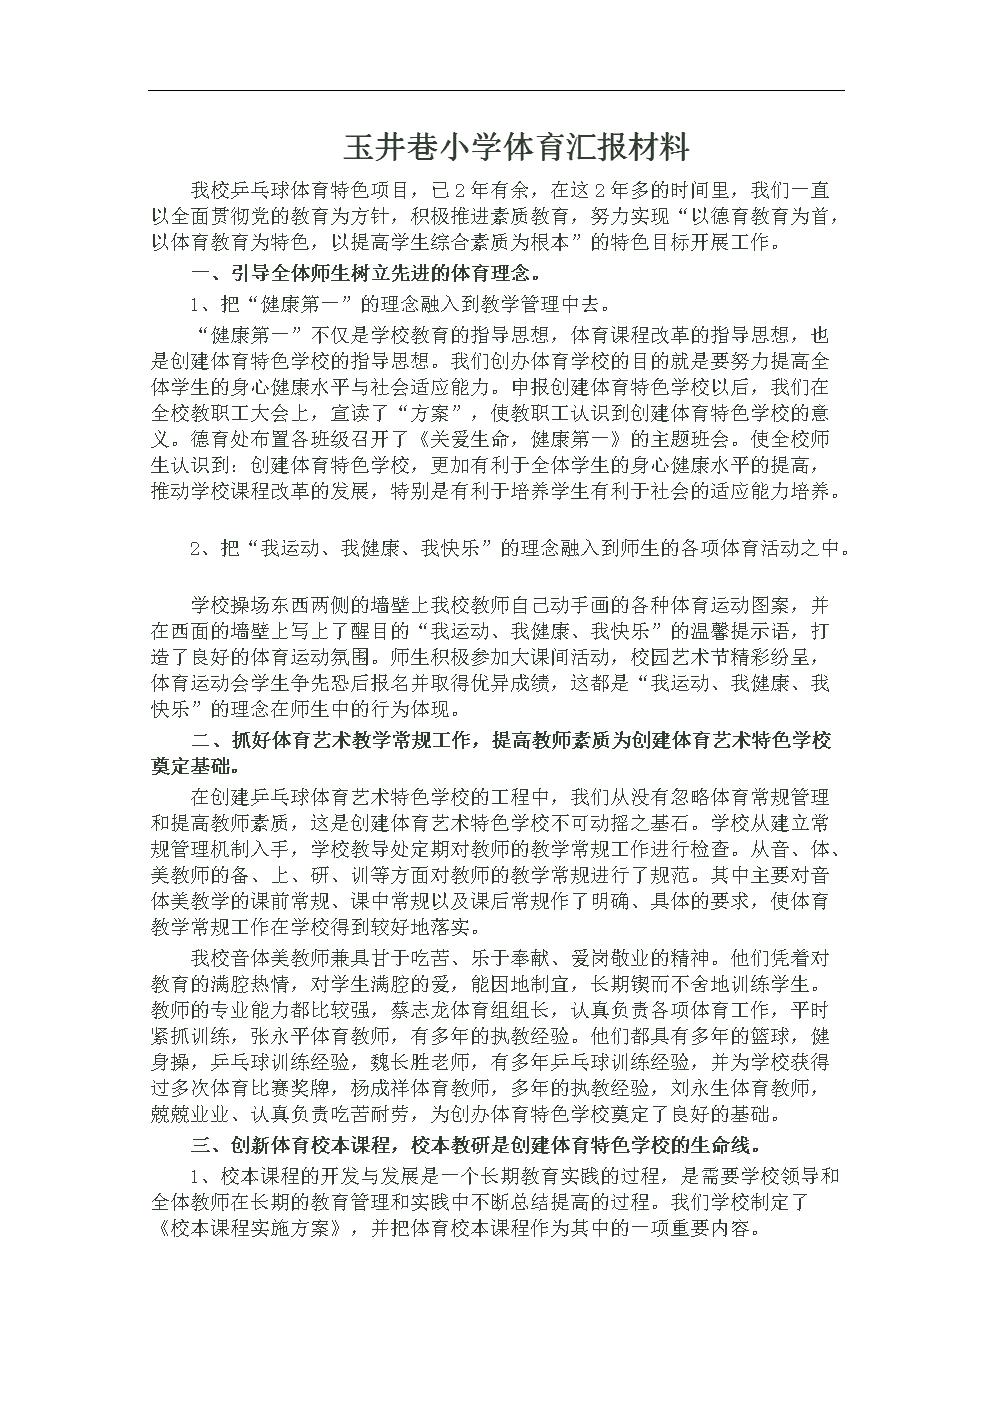 玉井巷小学体育汇报材料.doc